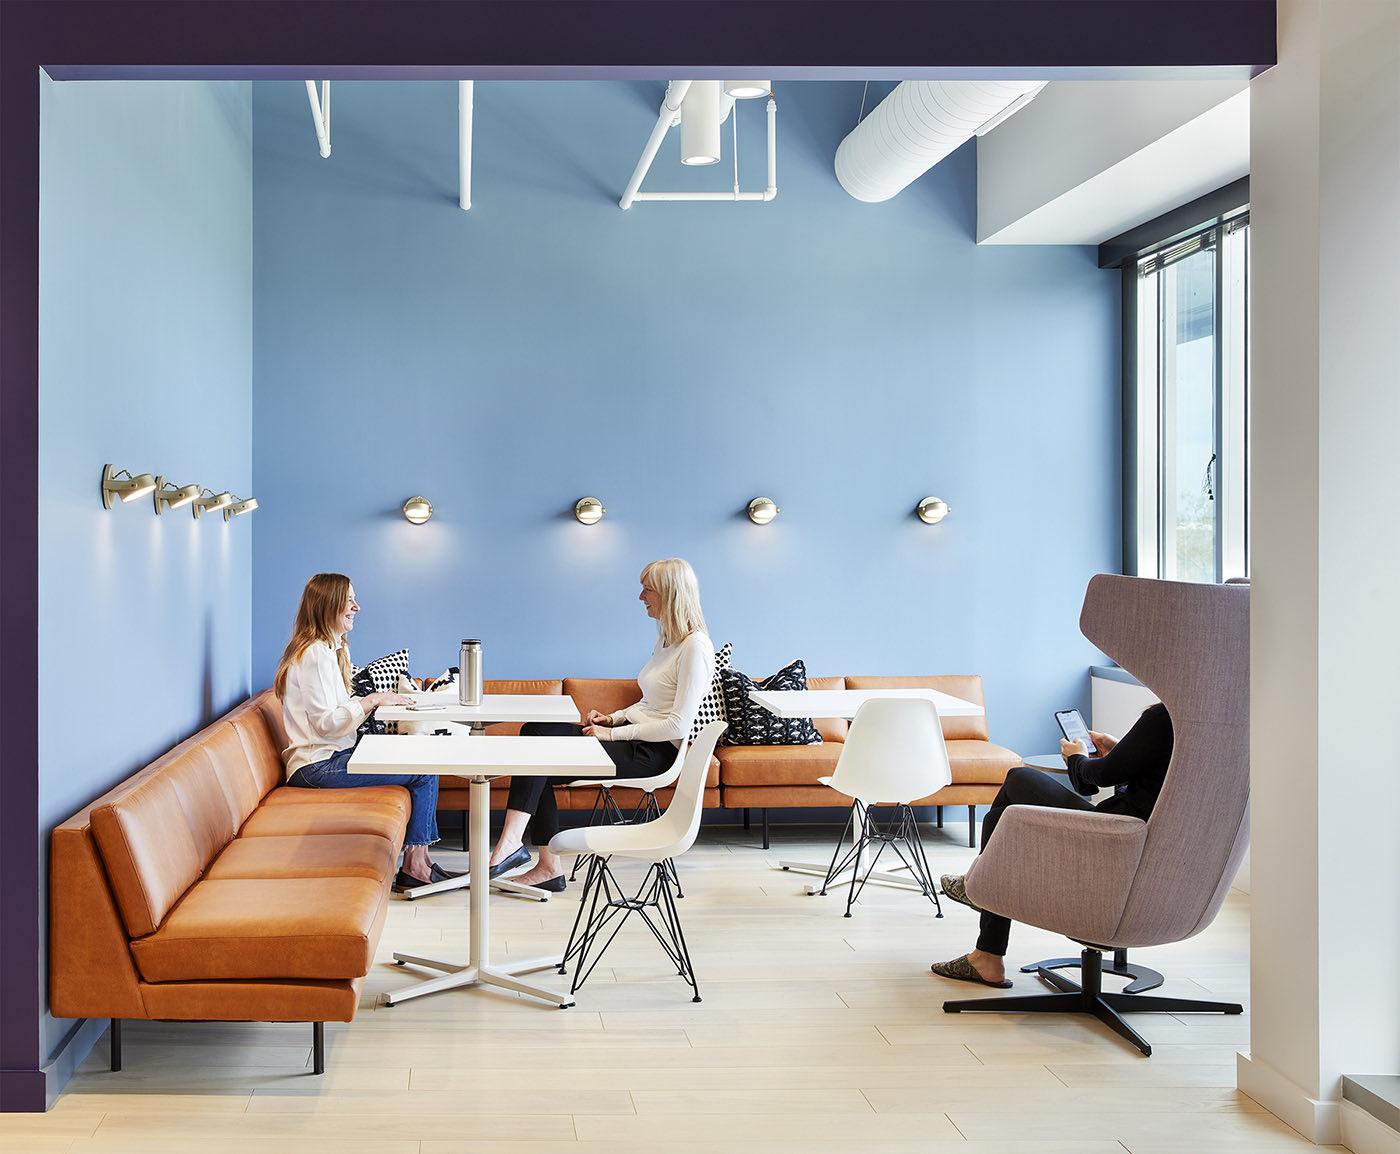 vanco-minnesota-office-4